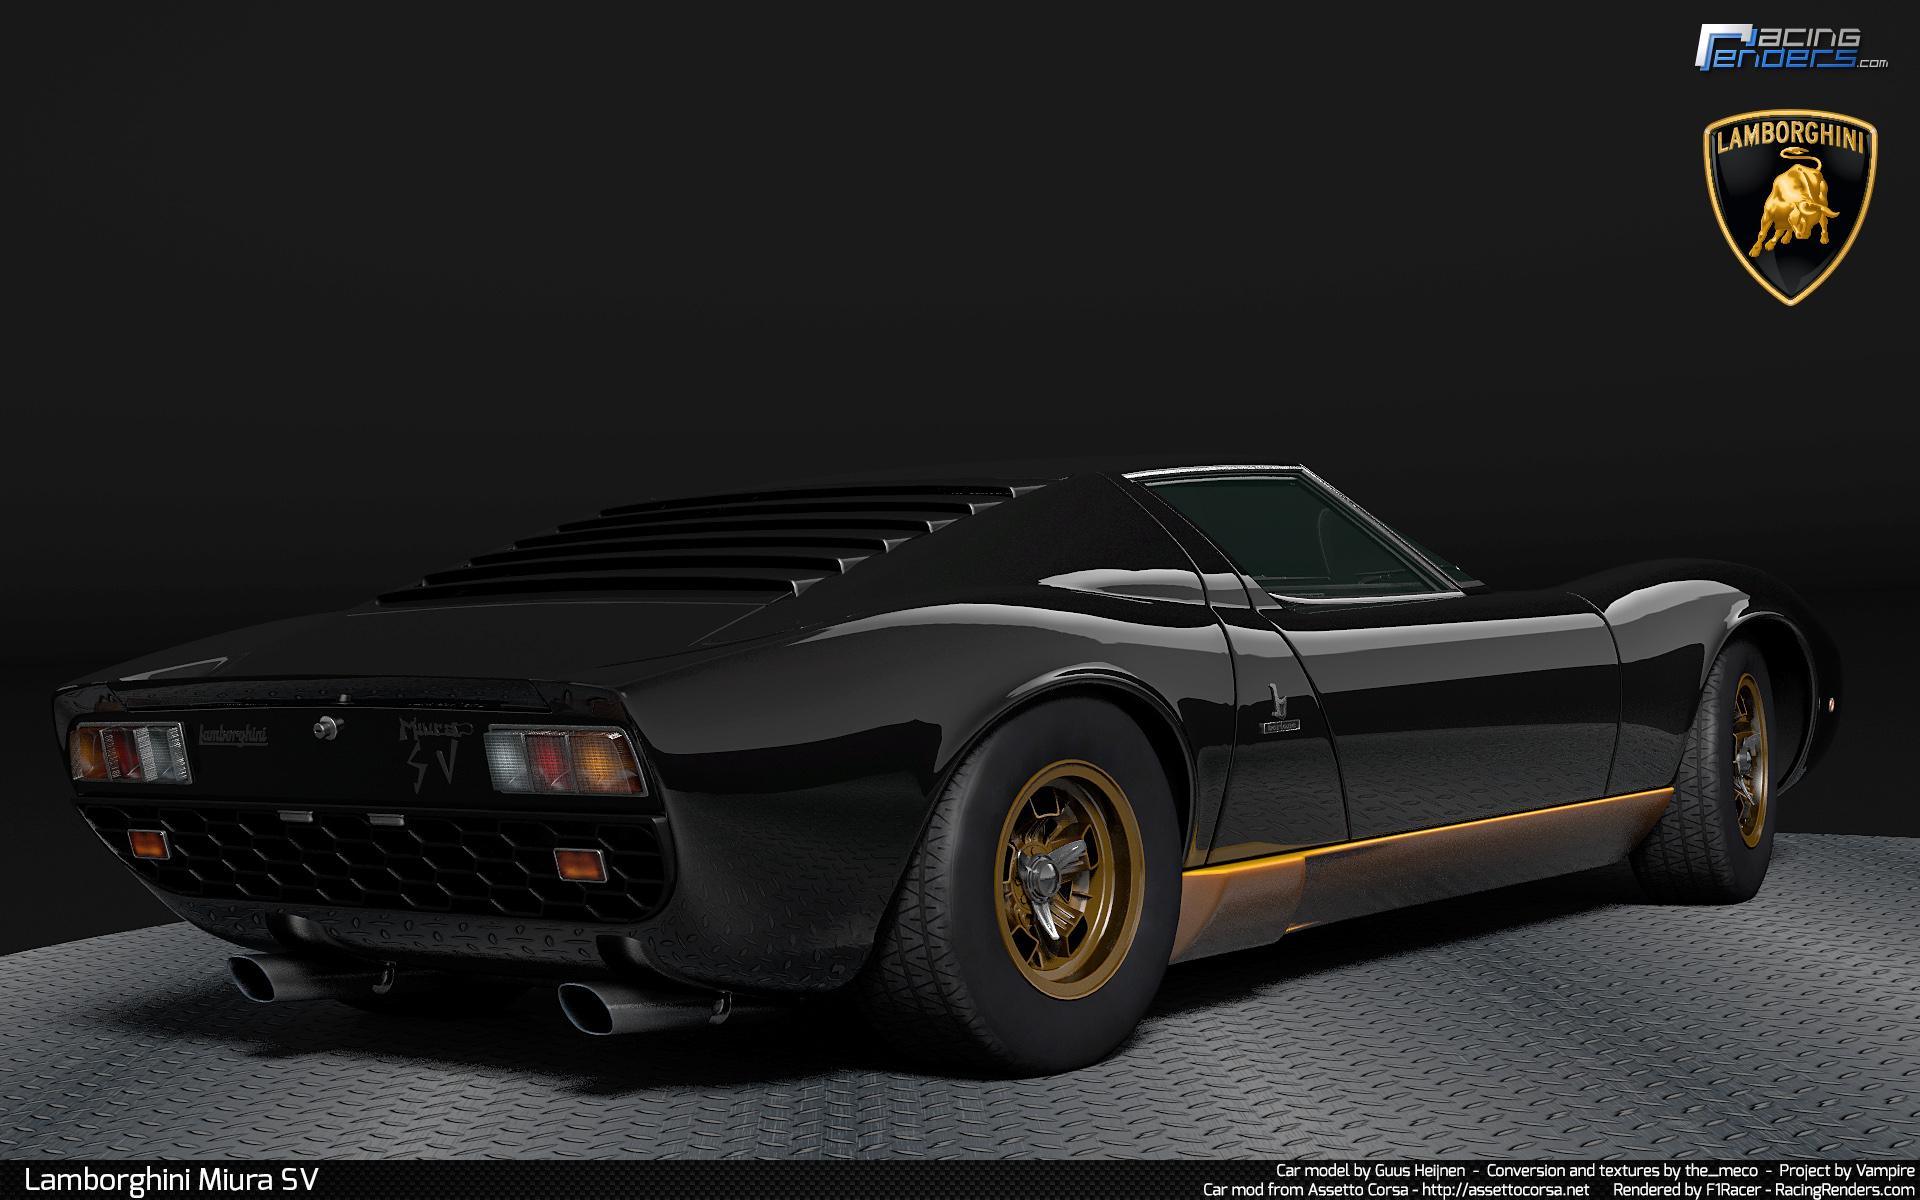 Lamborghini miura assetto corsa